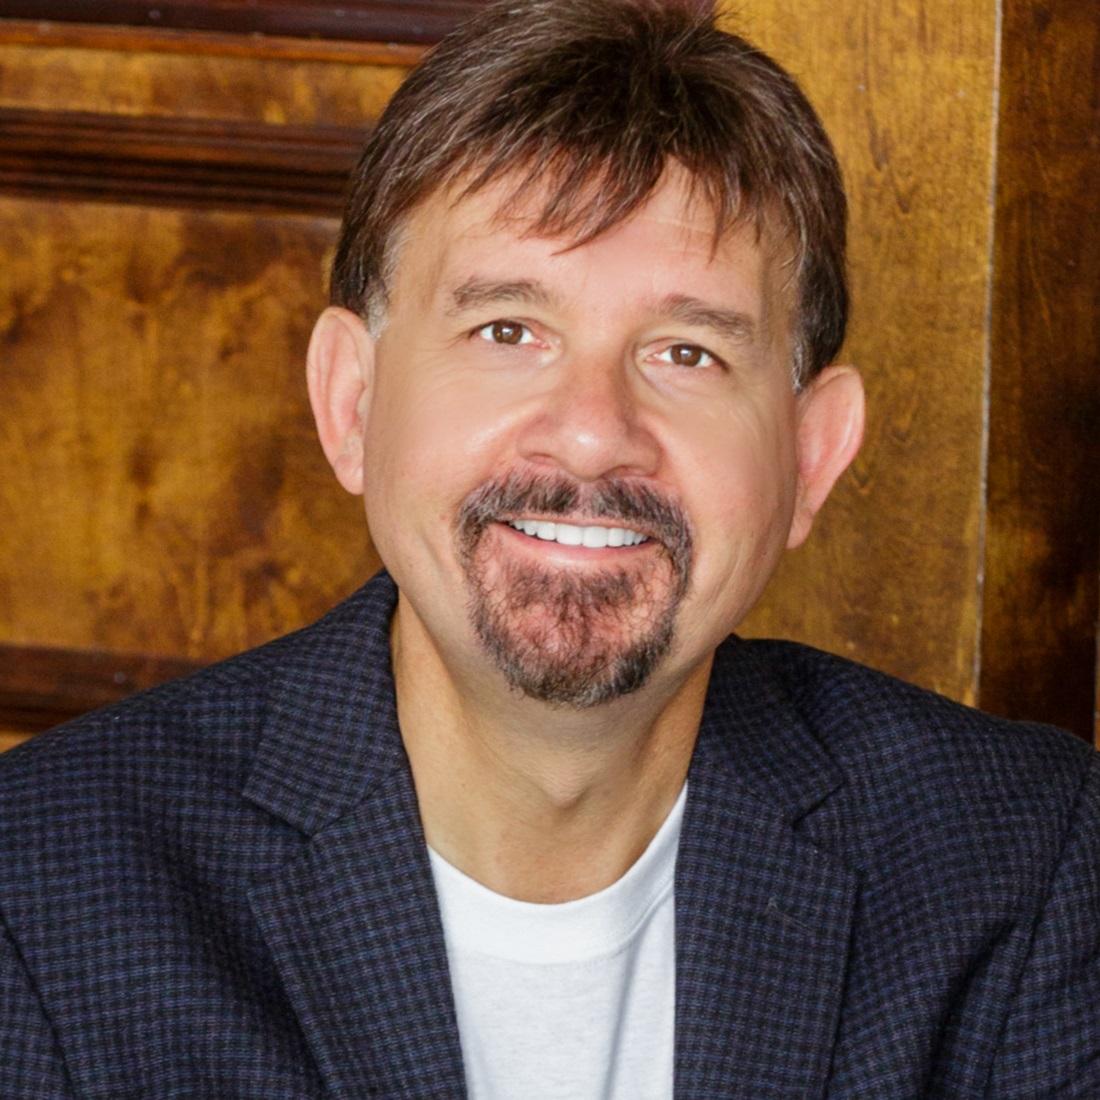 Joseph Michelli